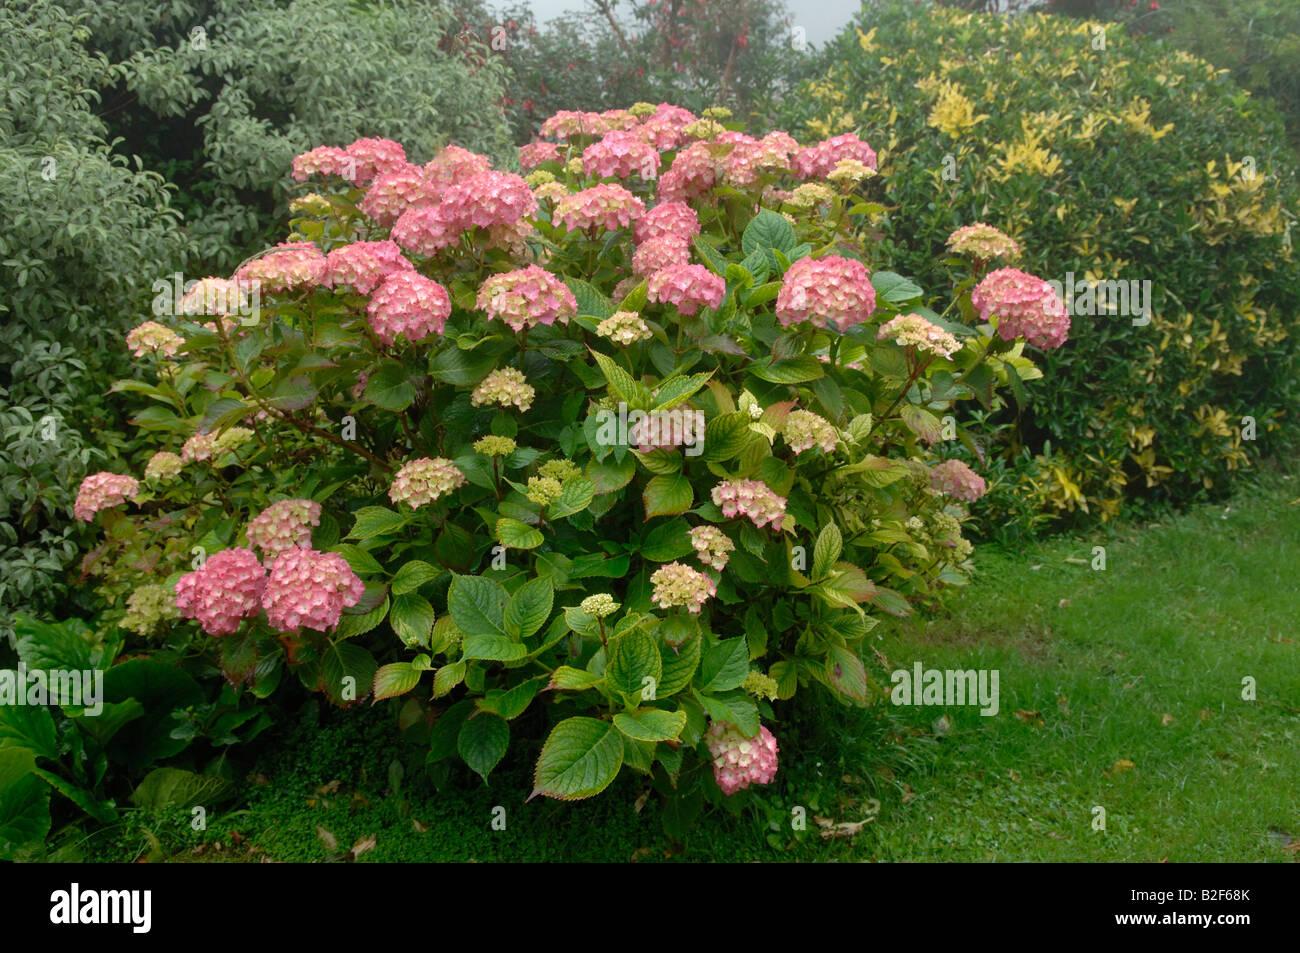 Rote Hortensie Blütenstrauch zeigen Chlorosen durch Kalk verursacht induzierte Fe Eisenmangel Stockbild